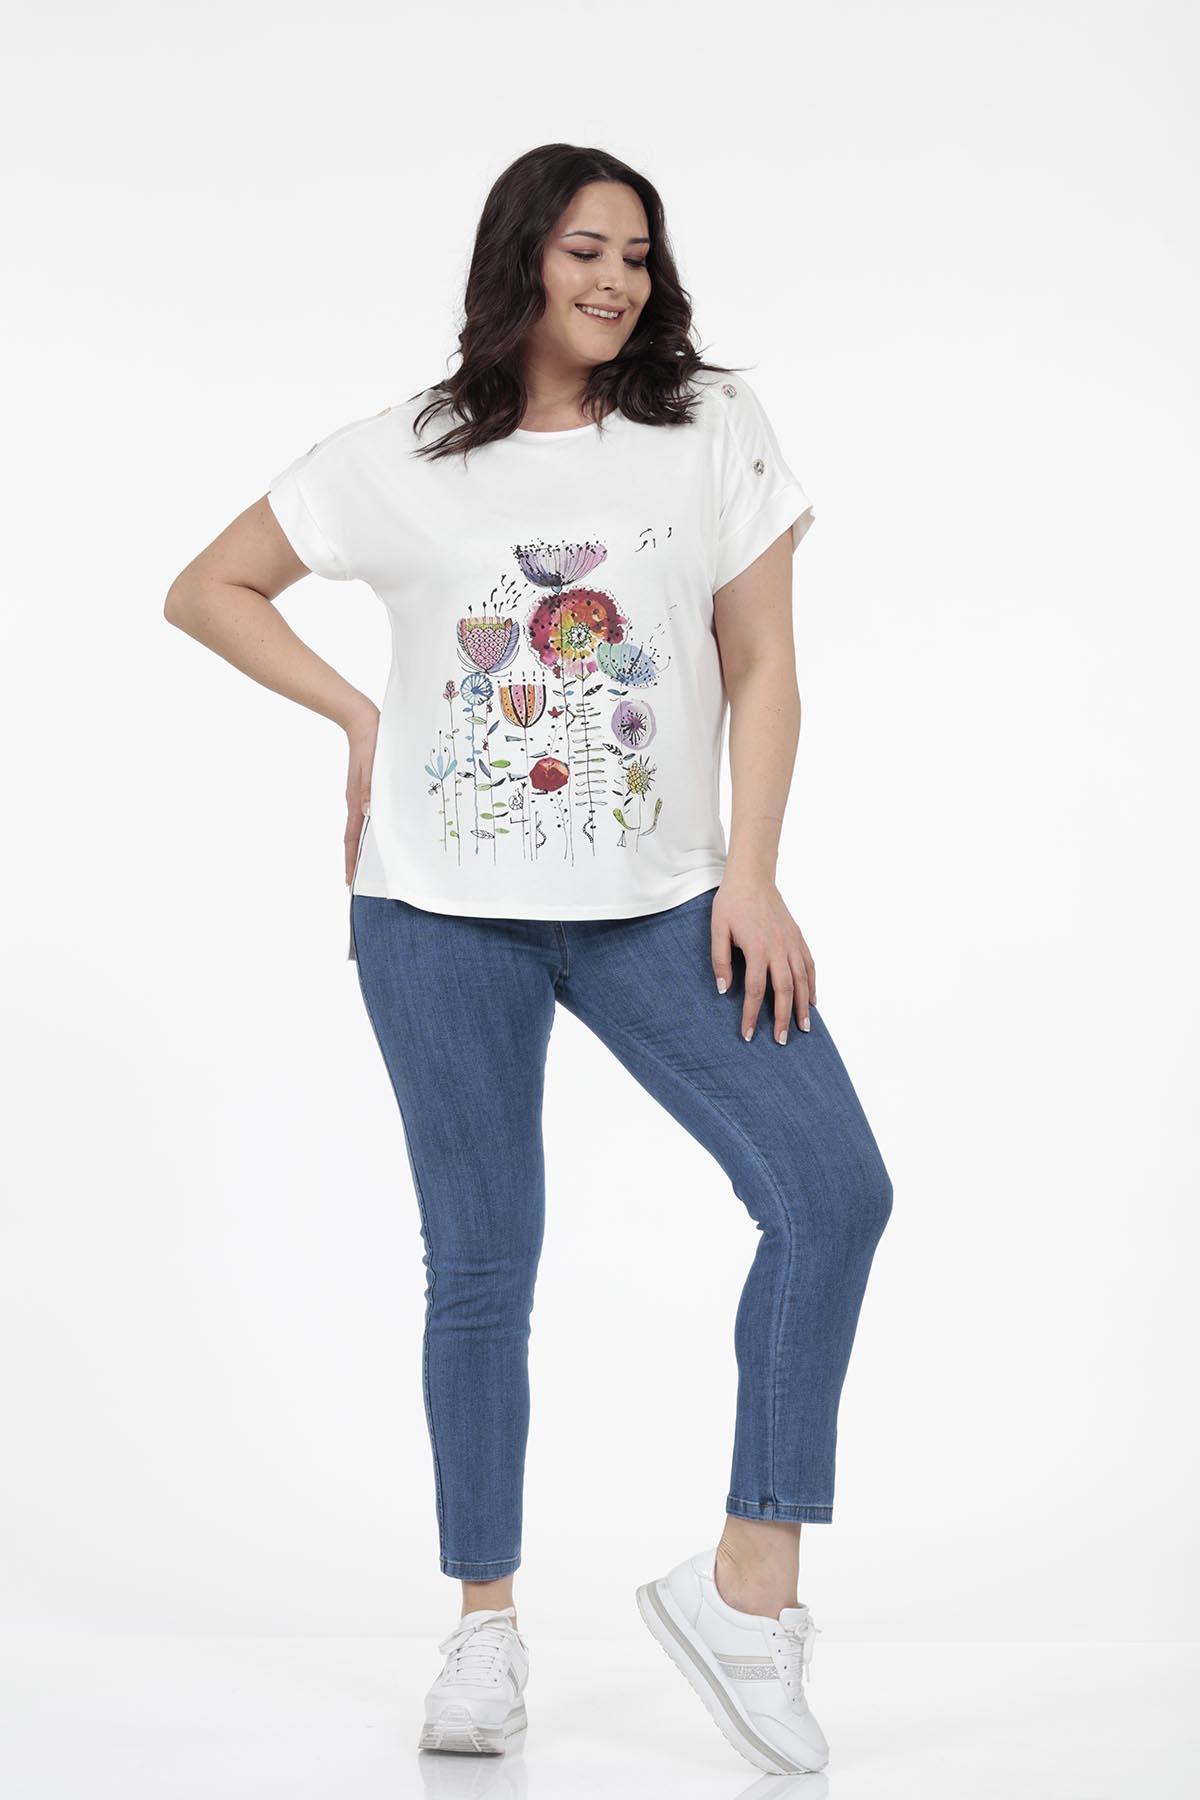 Önü Çiçek Baskı Detaylı T-shirt - Thumbnail